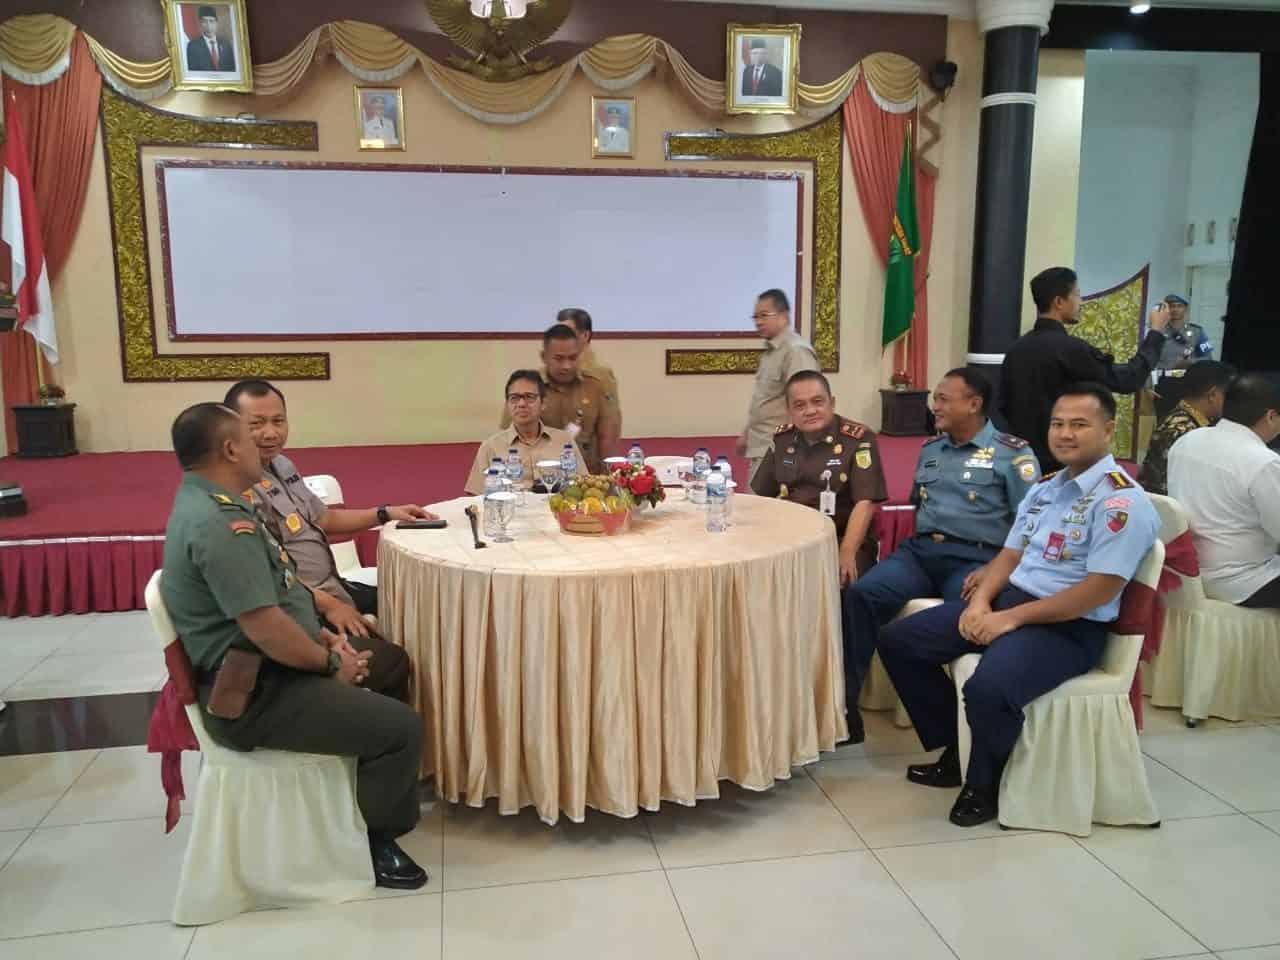 Komandan Lanud (Danlanud) Sutan Sjahrir Kolonel Nav Medi Rachman, S.E. MBA Avi Mgt, MMOASc, PhD., Coffee Morning Dengan Unsur Forkompimda Provinsi Sumatera Barat